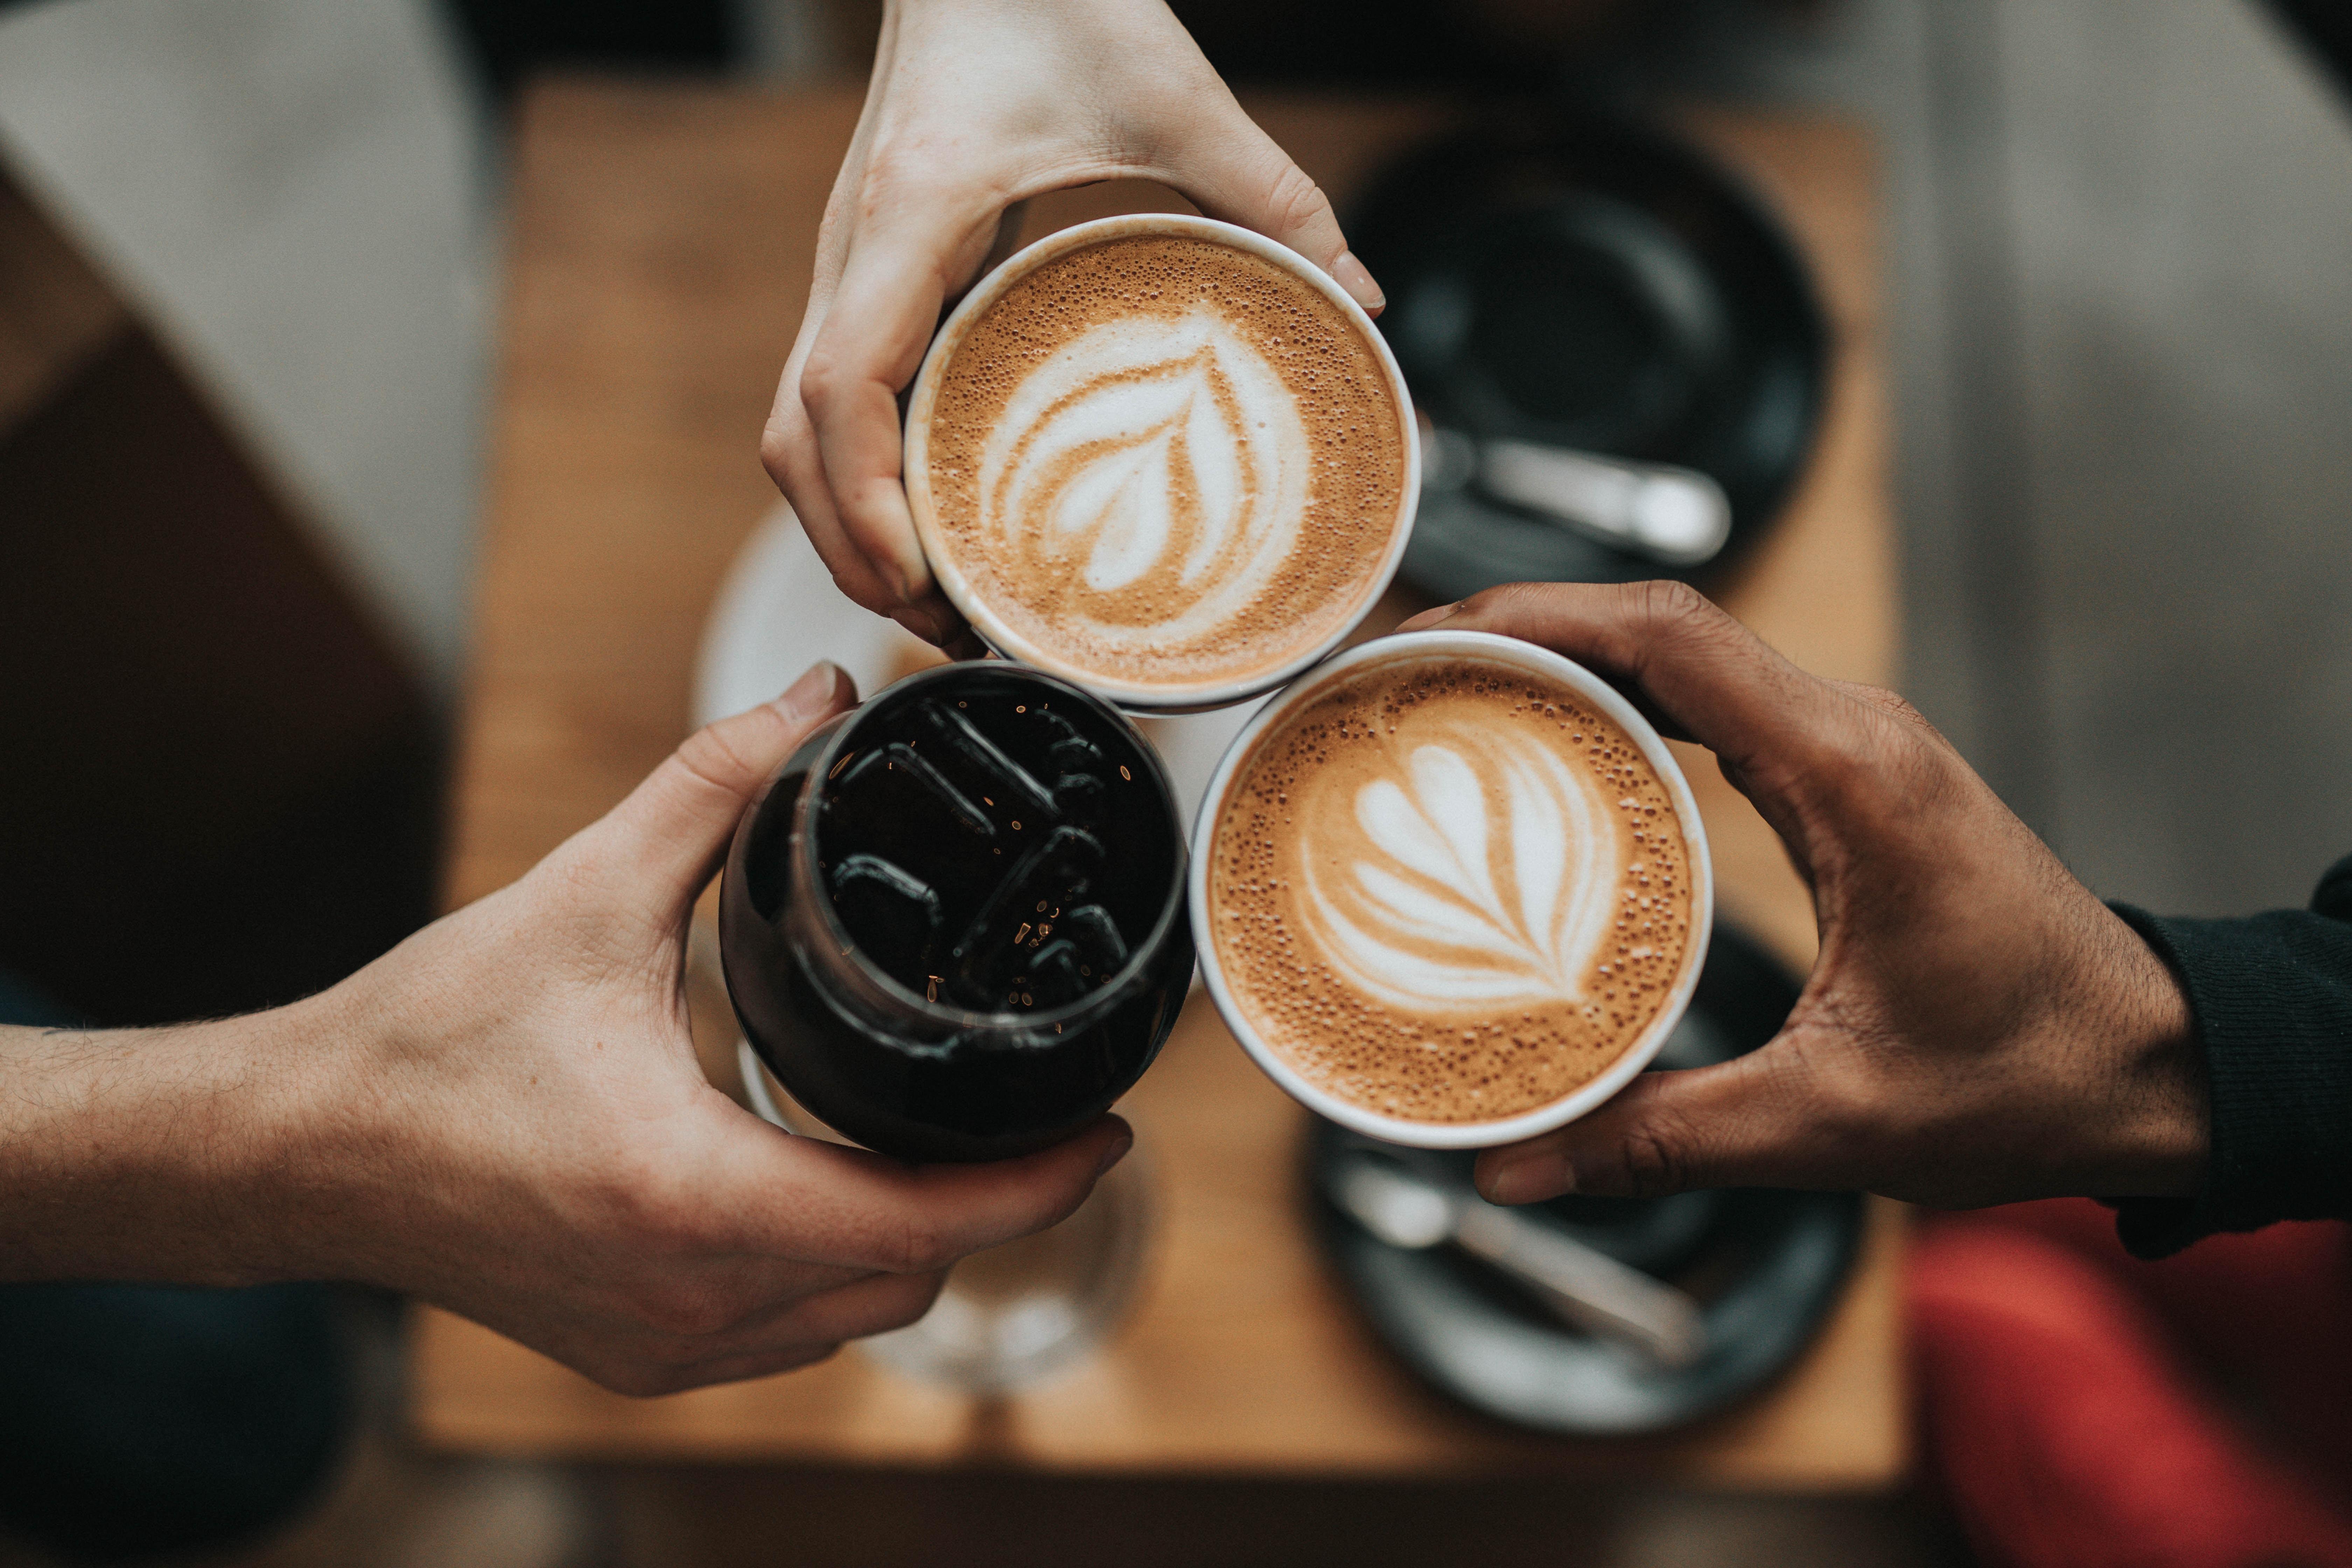 【東京】荷物を預けてお茶しよう。旅行やお出かけの荷物を預けられるカフェ10選!